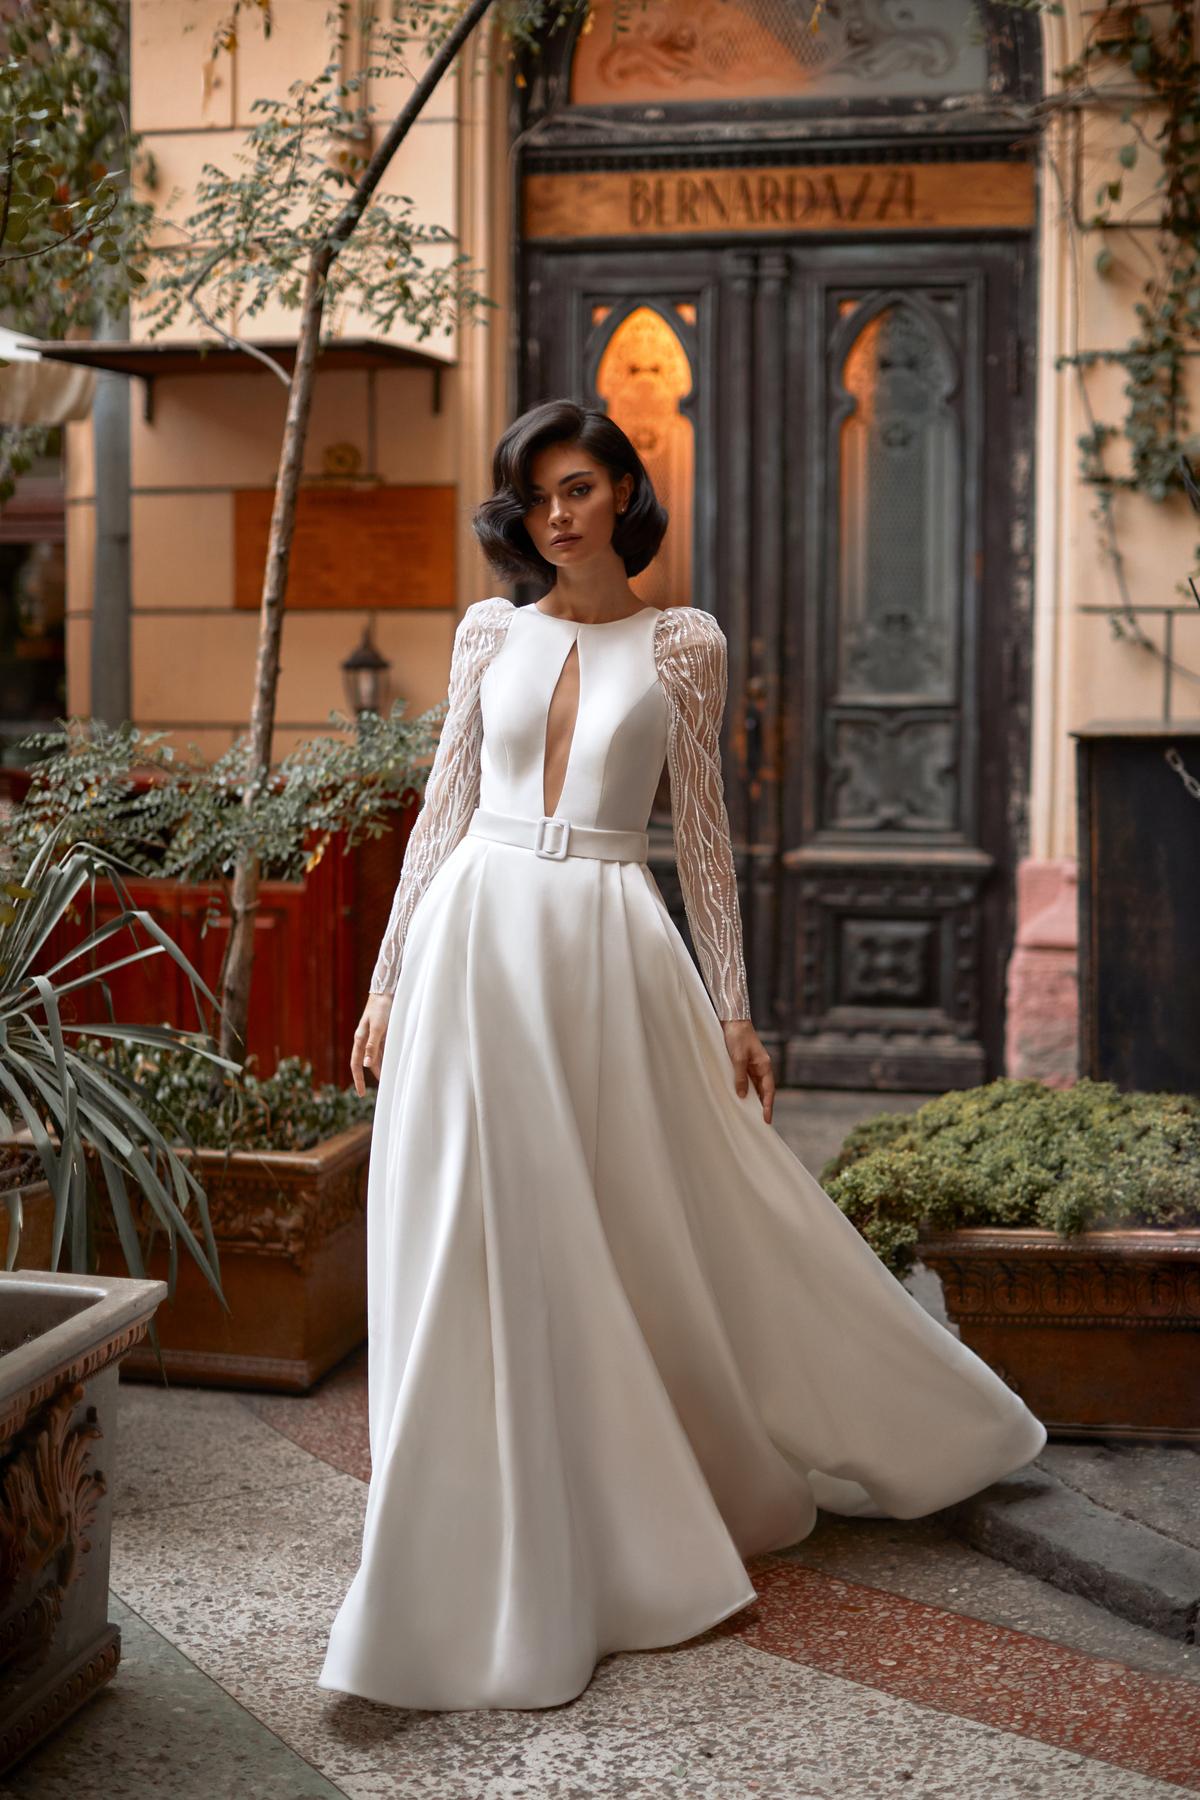 robe de mariée princesse bal mikado satin tulle sequin ivoire ceinture luxe romantique chic moderne sophistiqué genève boutique rendez-vous exclusif expérience